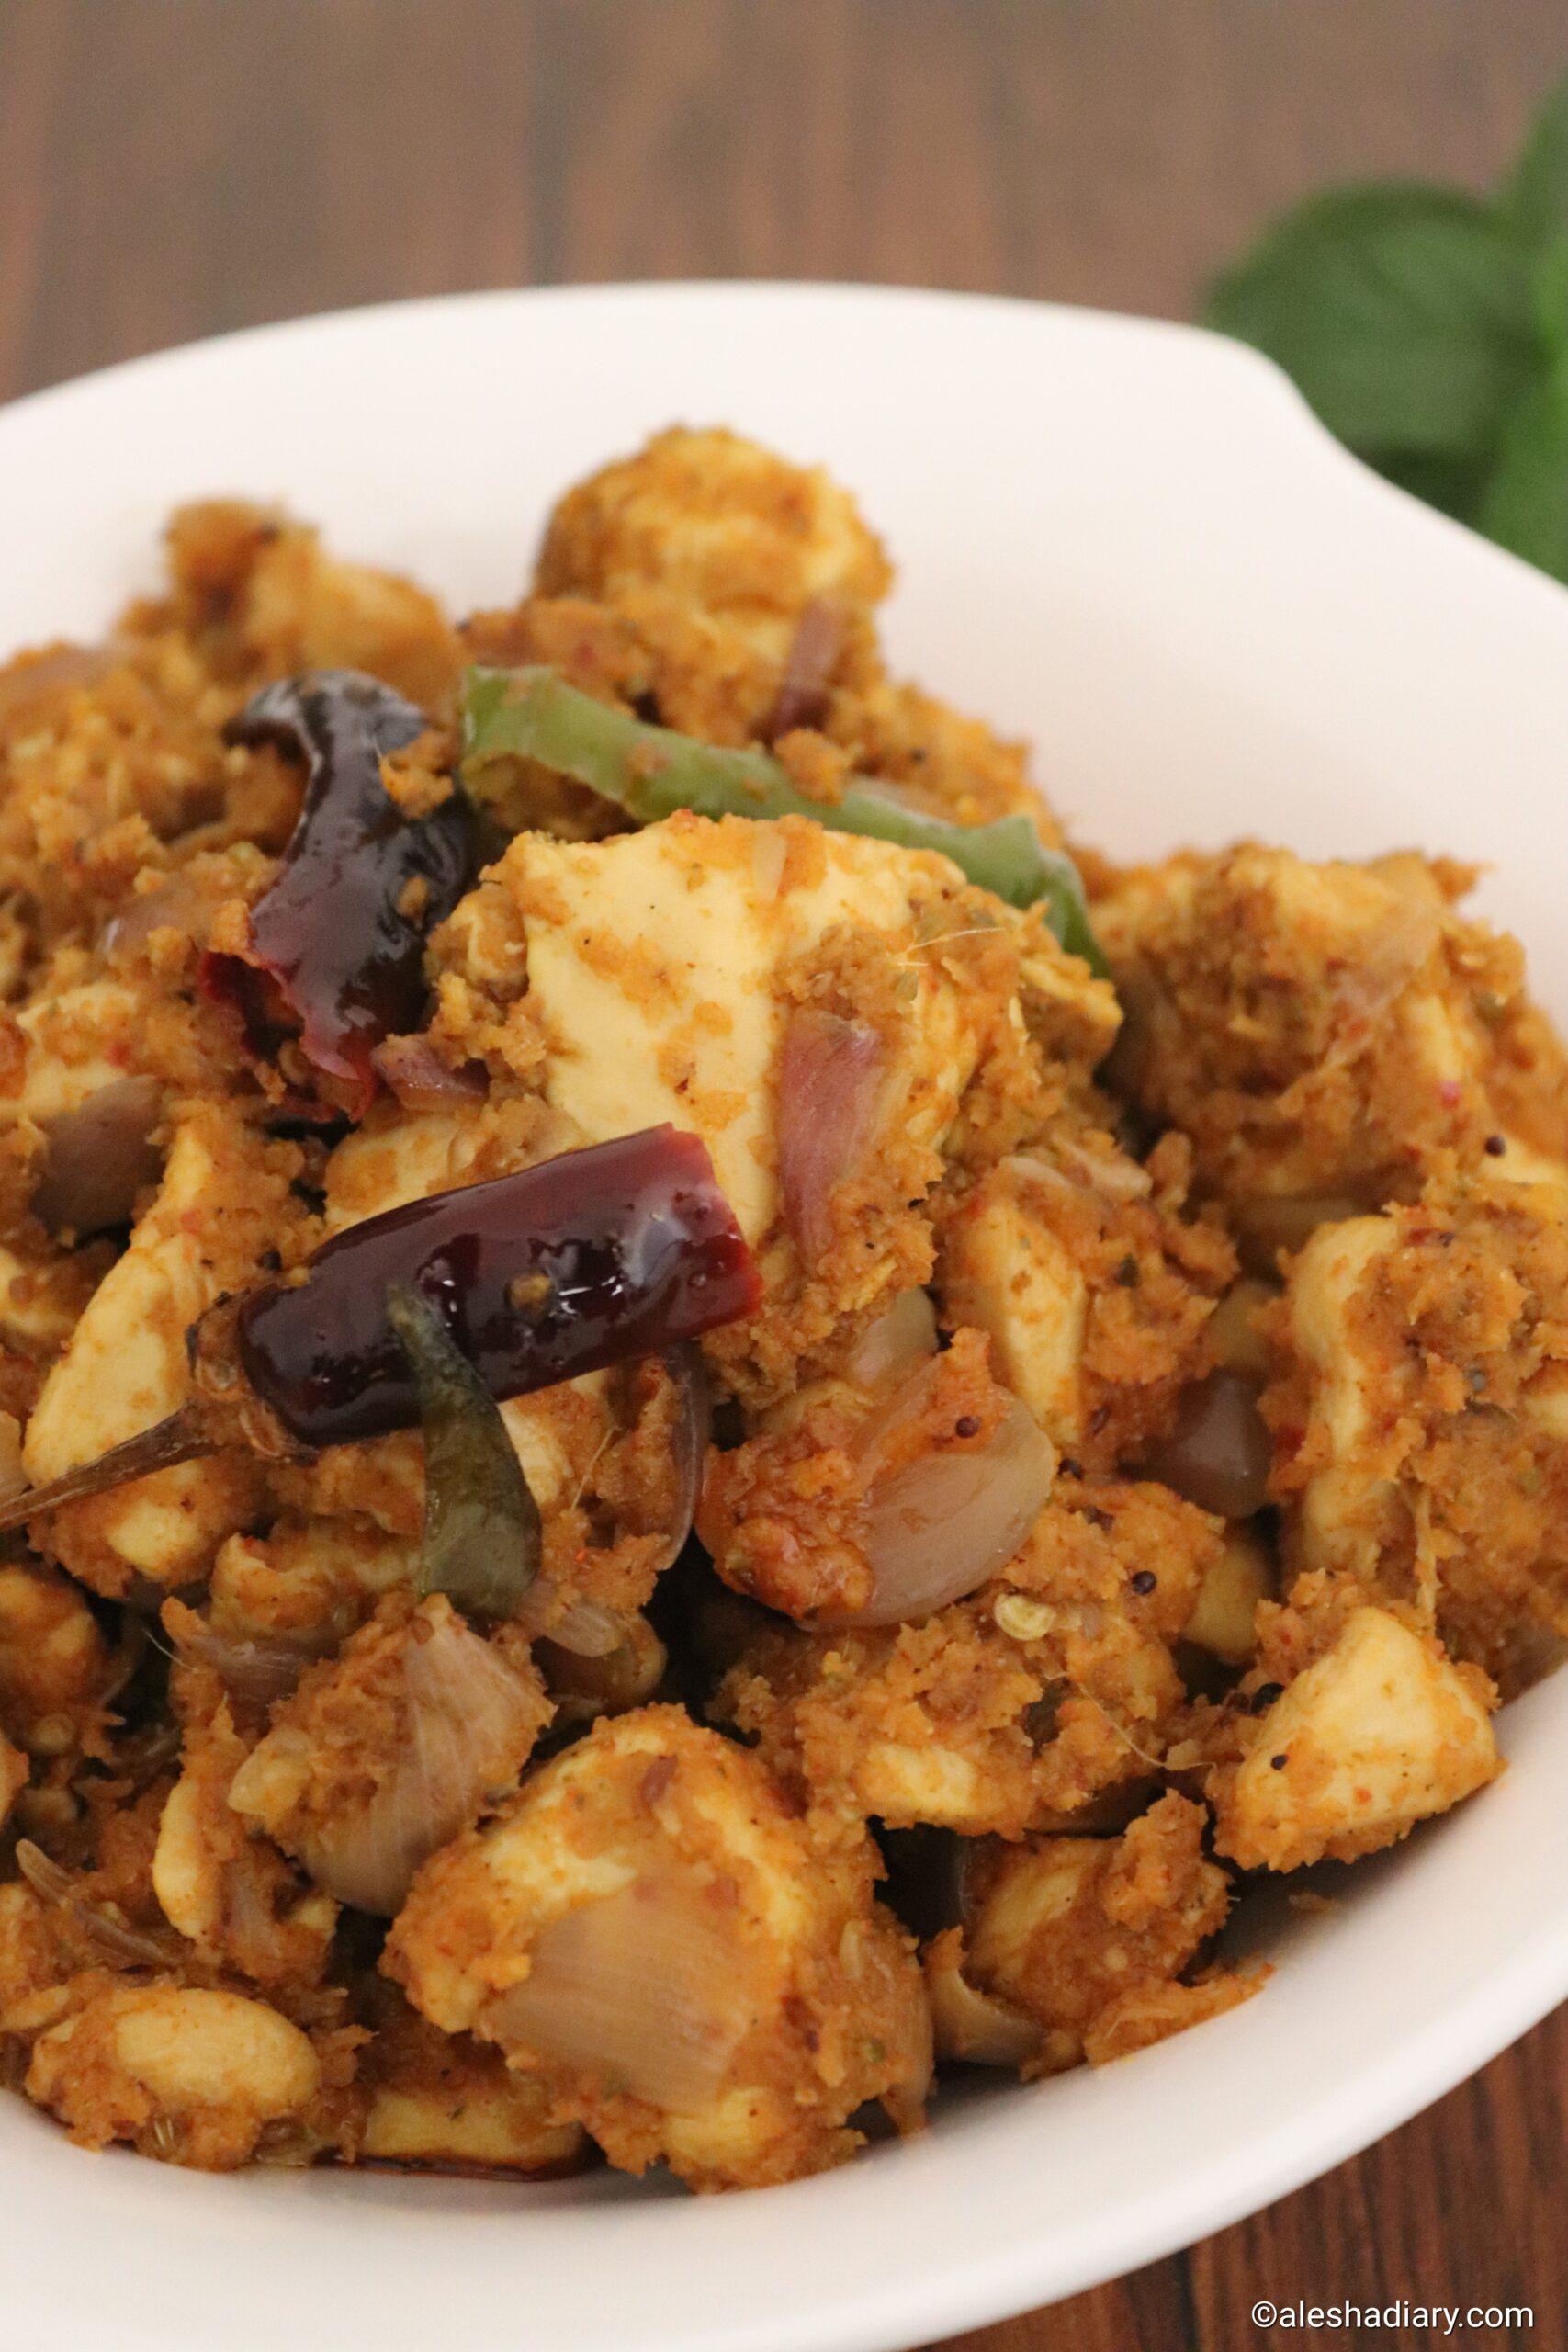 Chicken thoran – Chicken coconut stir fry